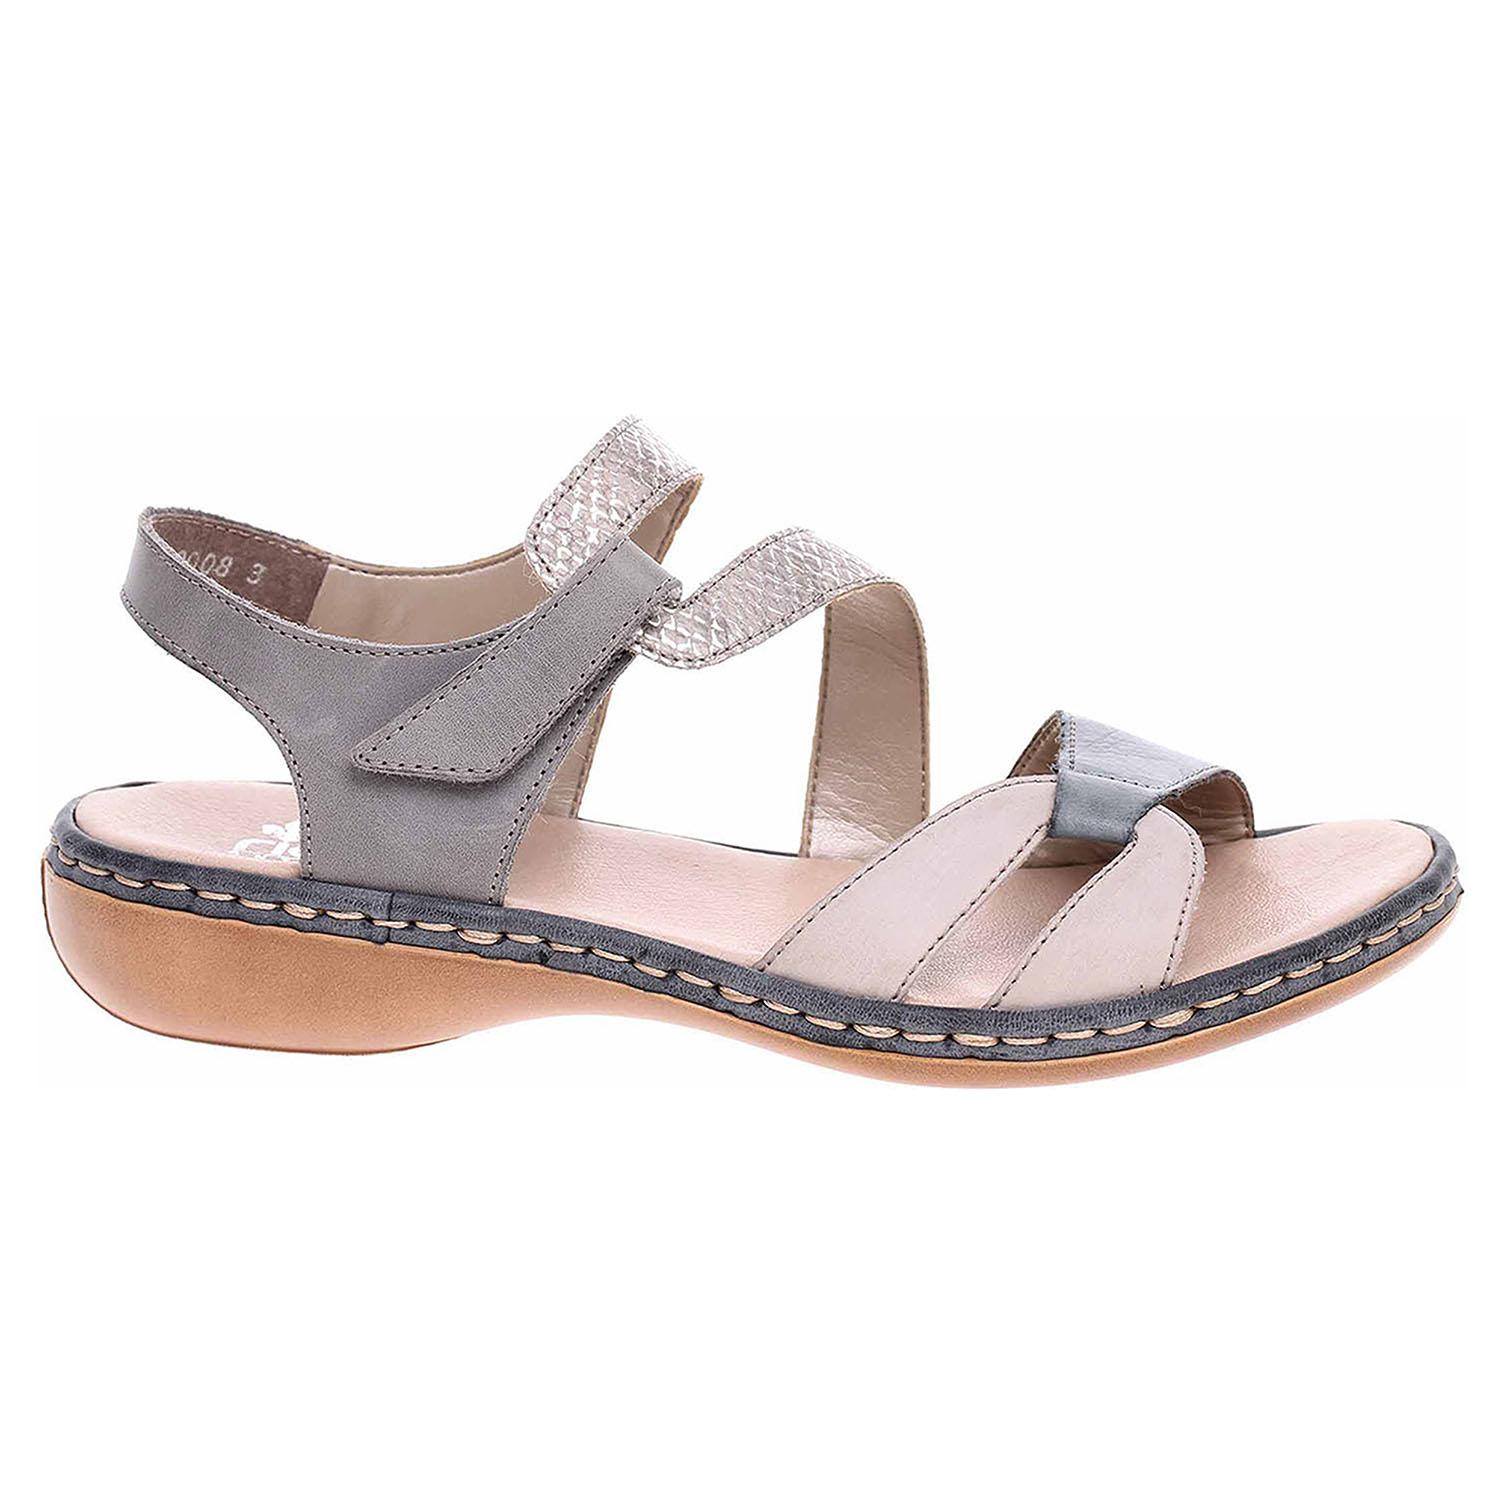 919529d3ab19 detail Dámske sandále Rieker 65969-42 grau kombi